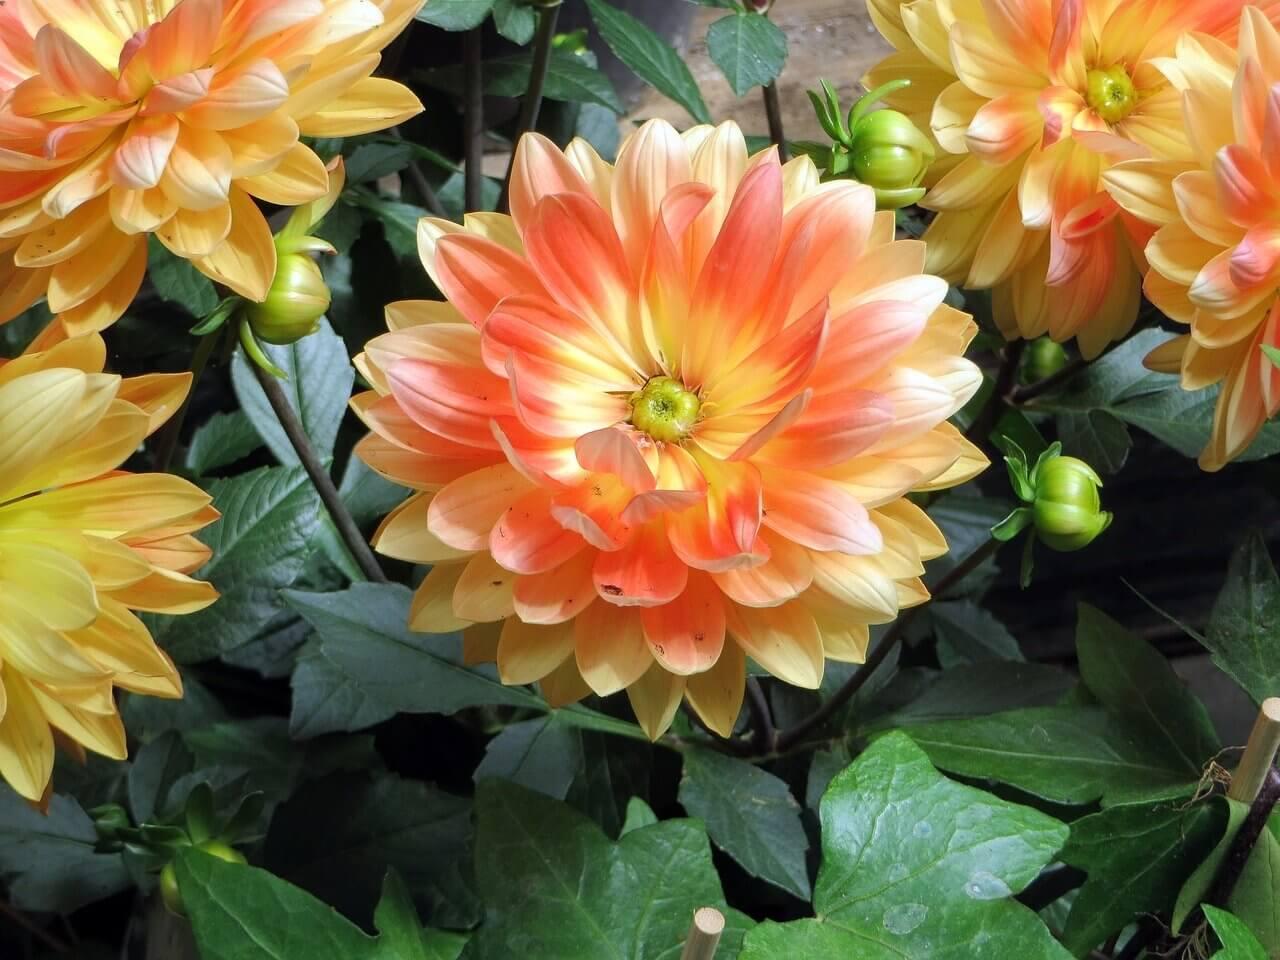 Kerti munkák májusban: Gumós virágok